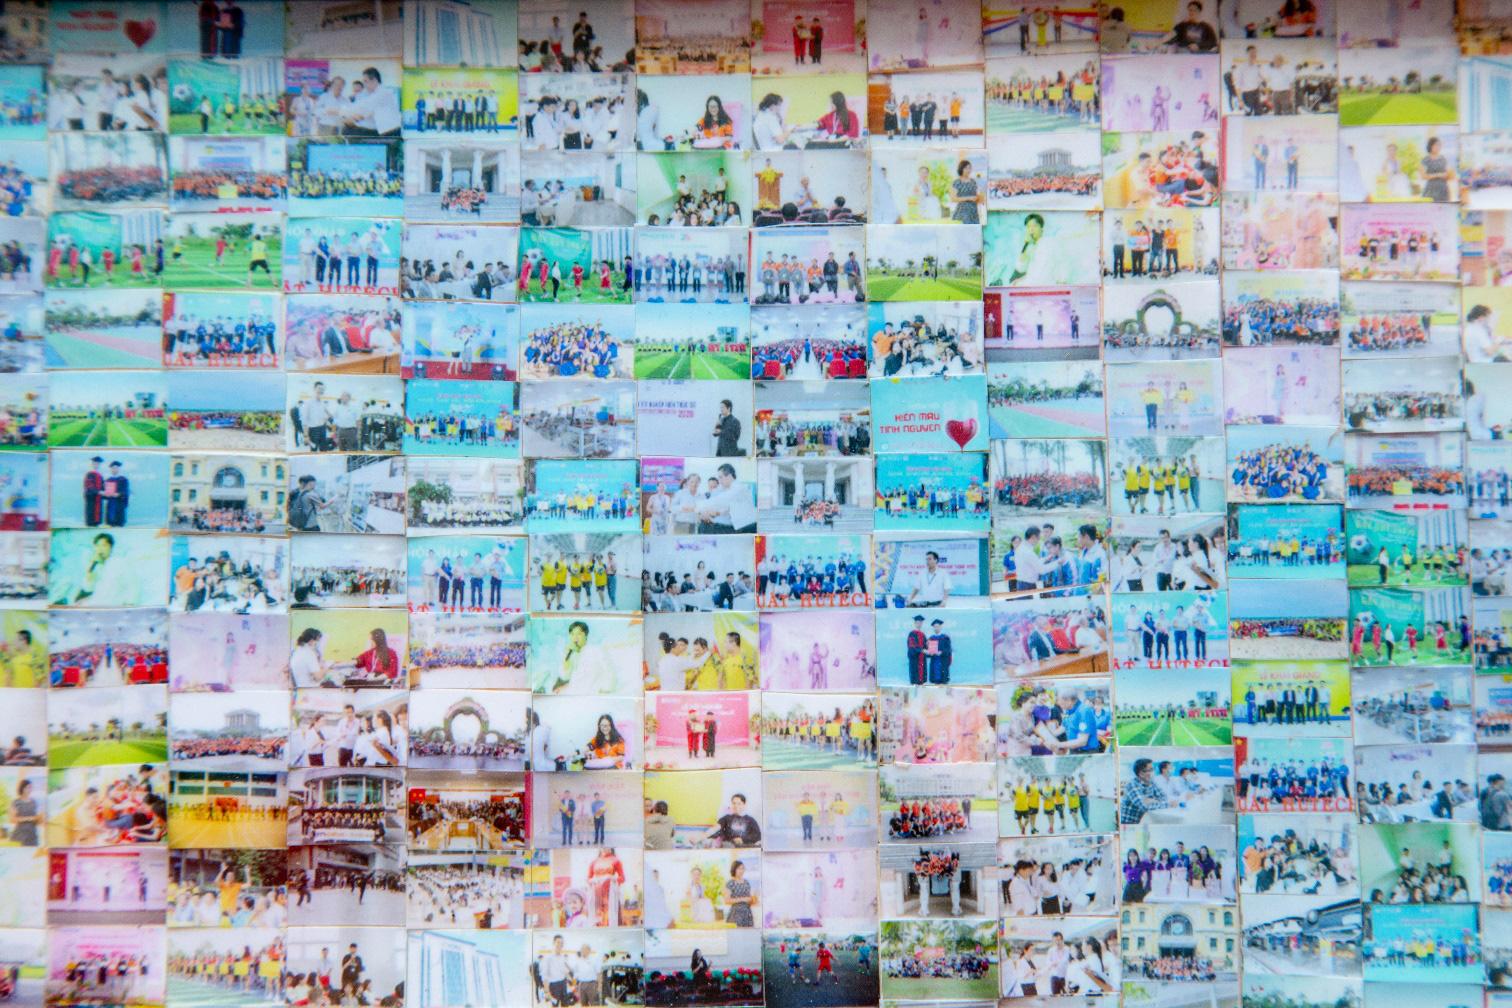 """Trường kỷ niệm 25 năm thành lập, sinh viên """"chơi lớn"""" ghép tranh chúc mừng từ 3.600 tấm ảnh - Ảnh 2."""